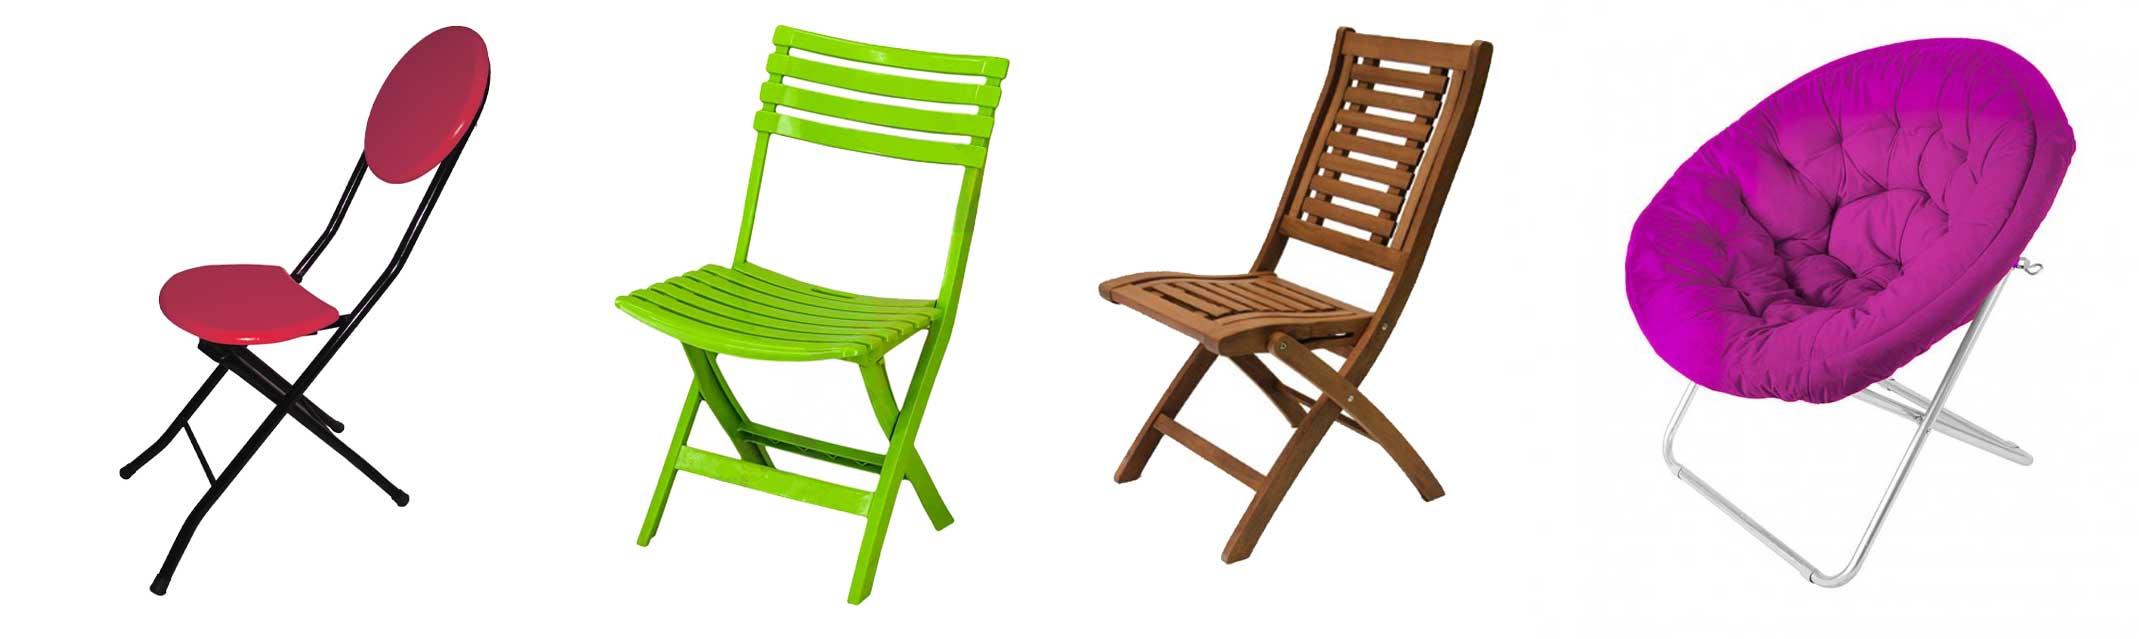 صندلی-تاشو---انواع-صندلی-تاشو---راهنمای-خرید---صندلی